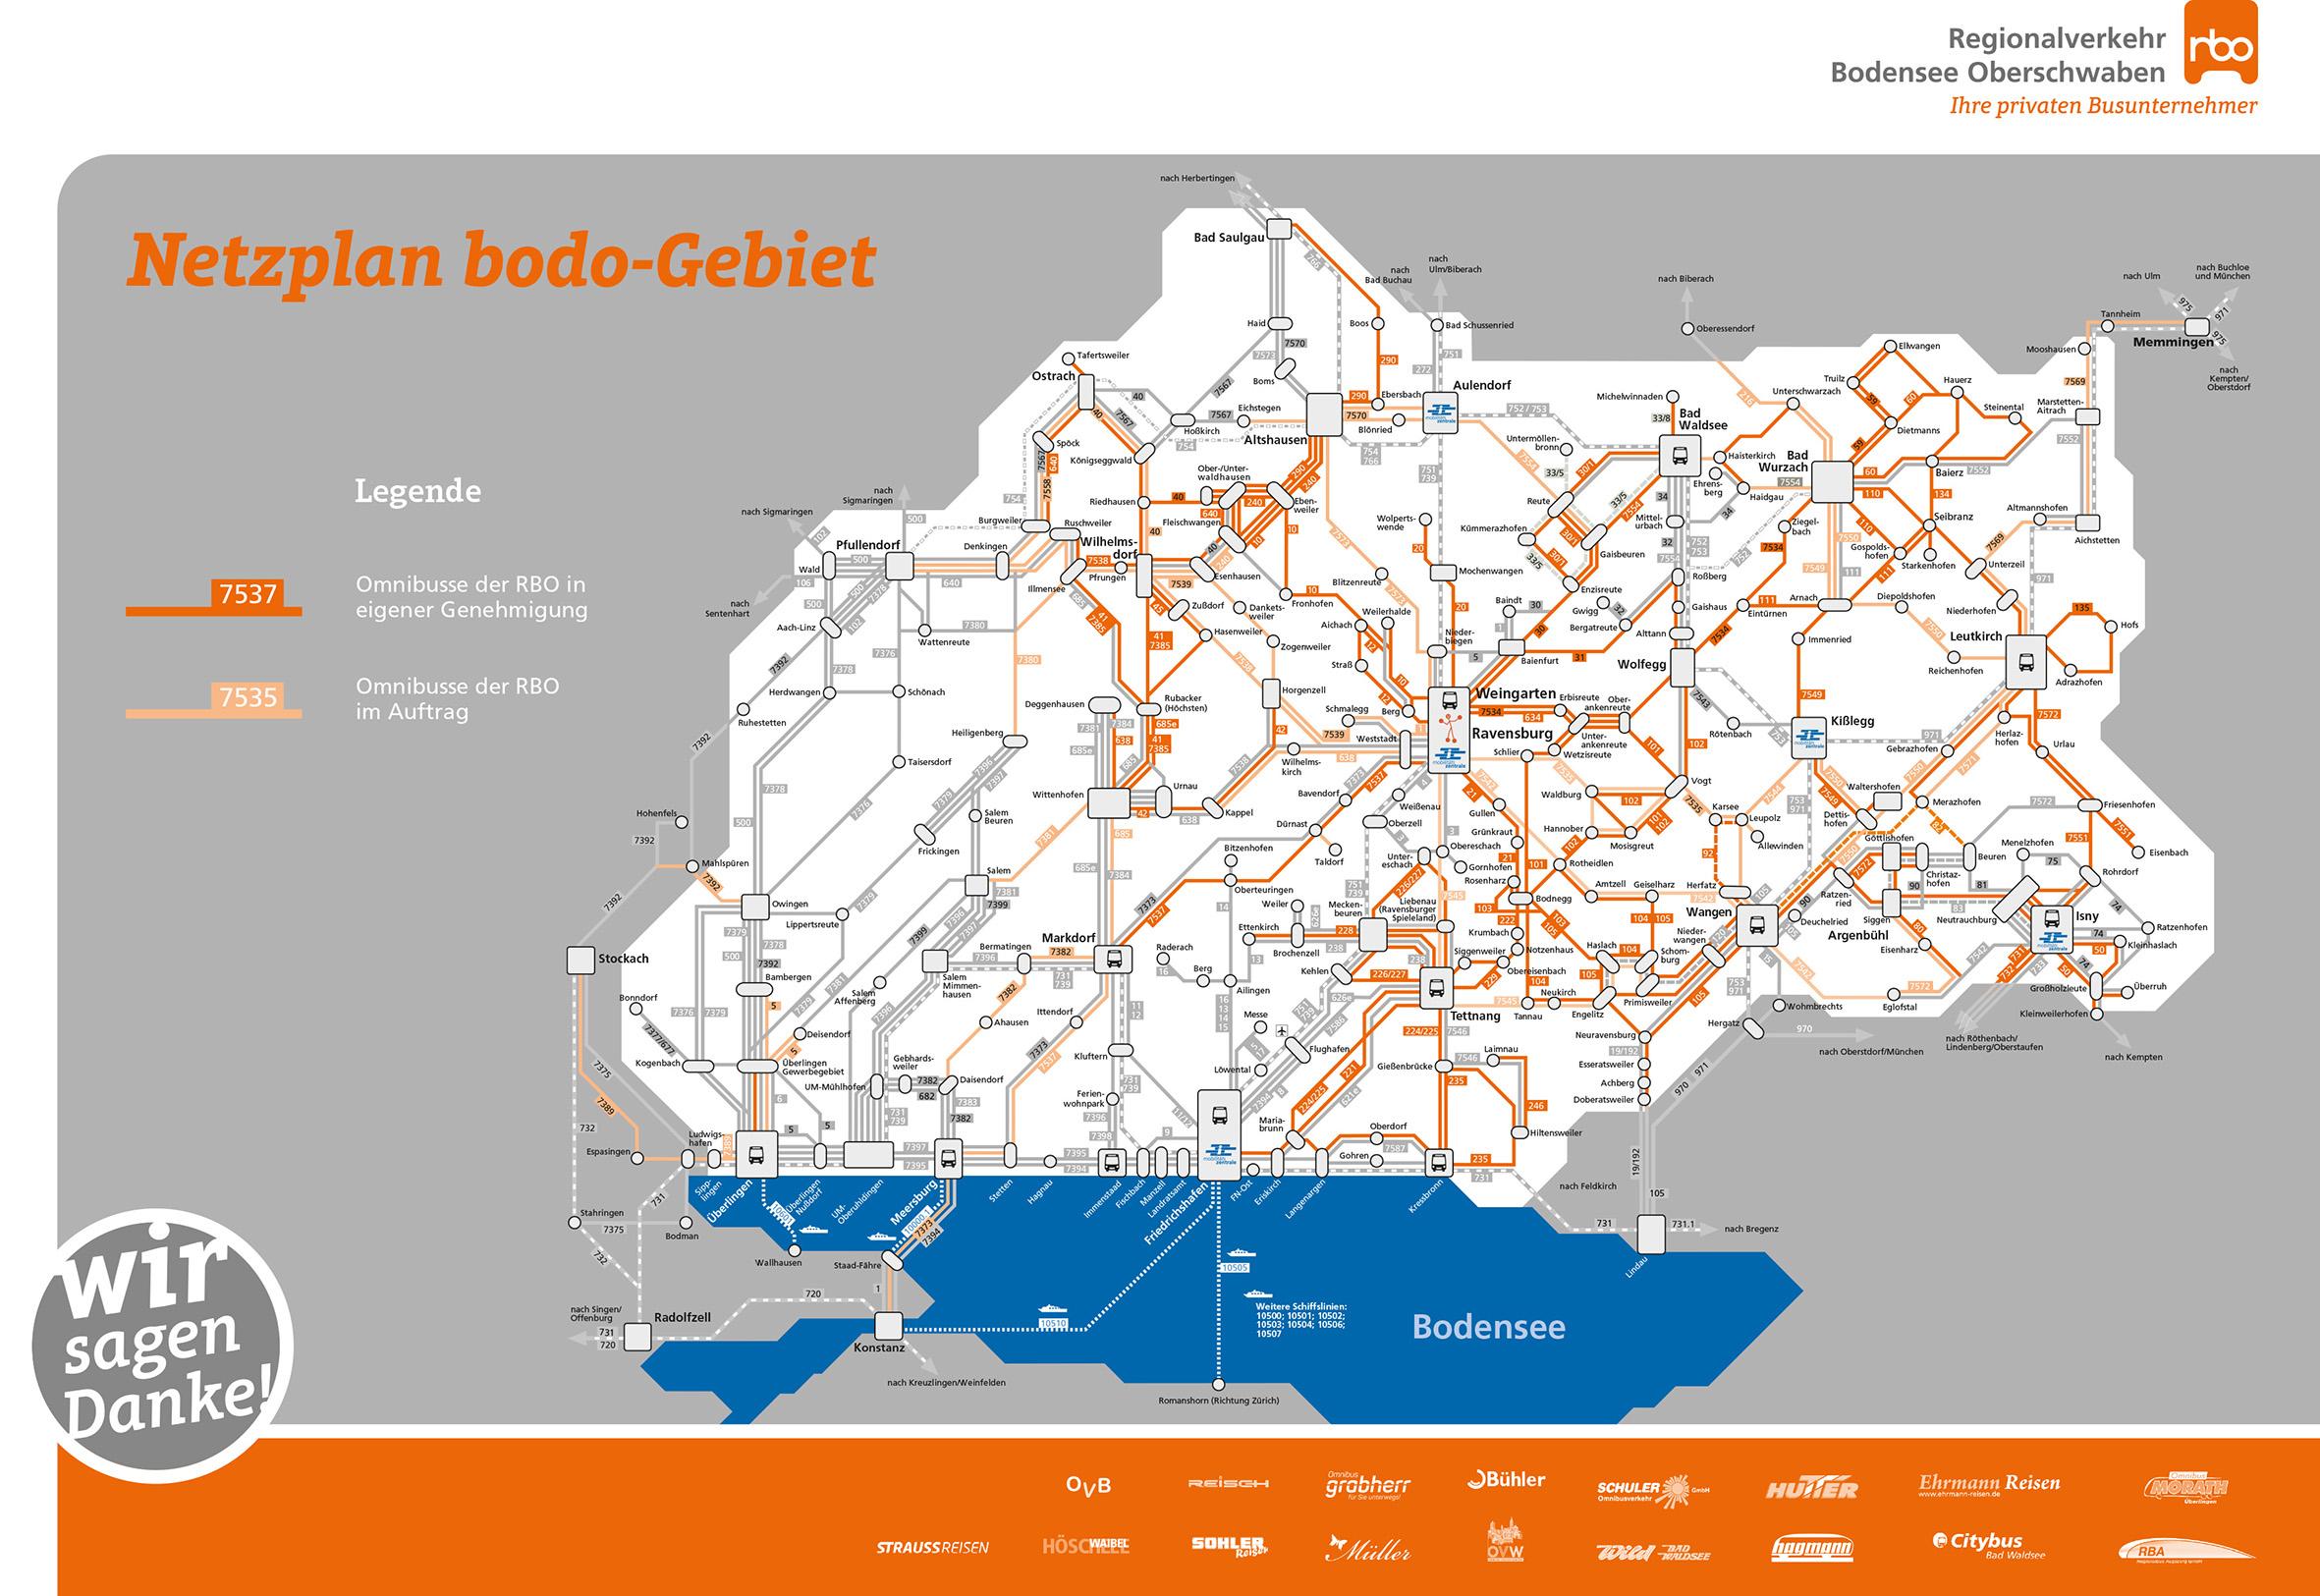 Den privaten Busunternehmern kommt eine große Bedeutung zu. Sie bedienen die orangenen Linien im bodo-Liniennetz.